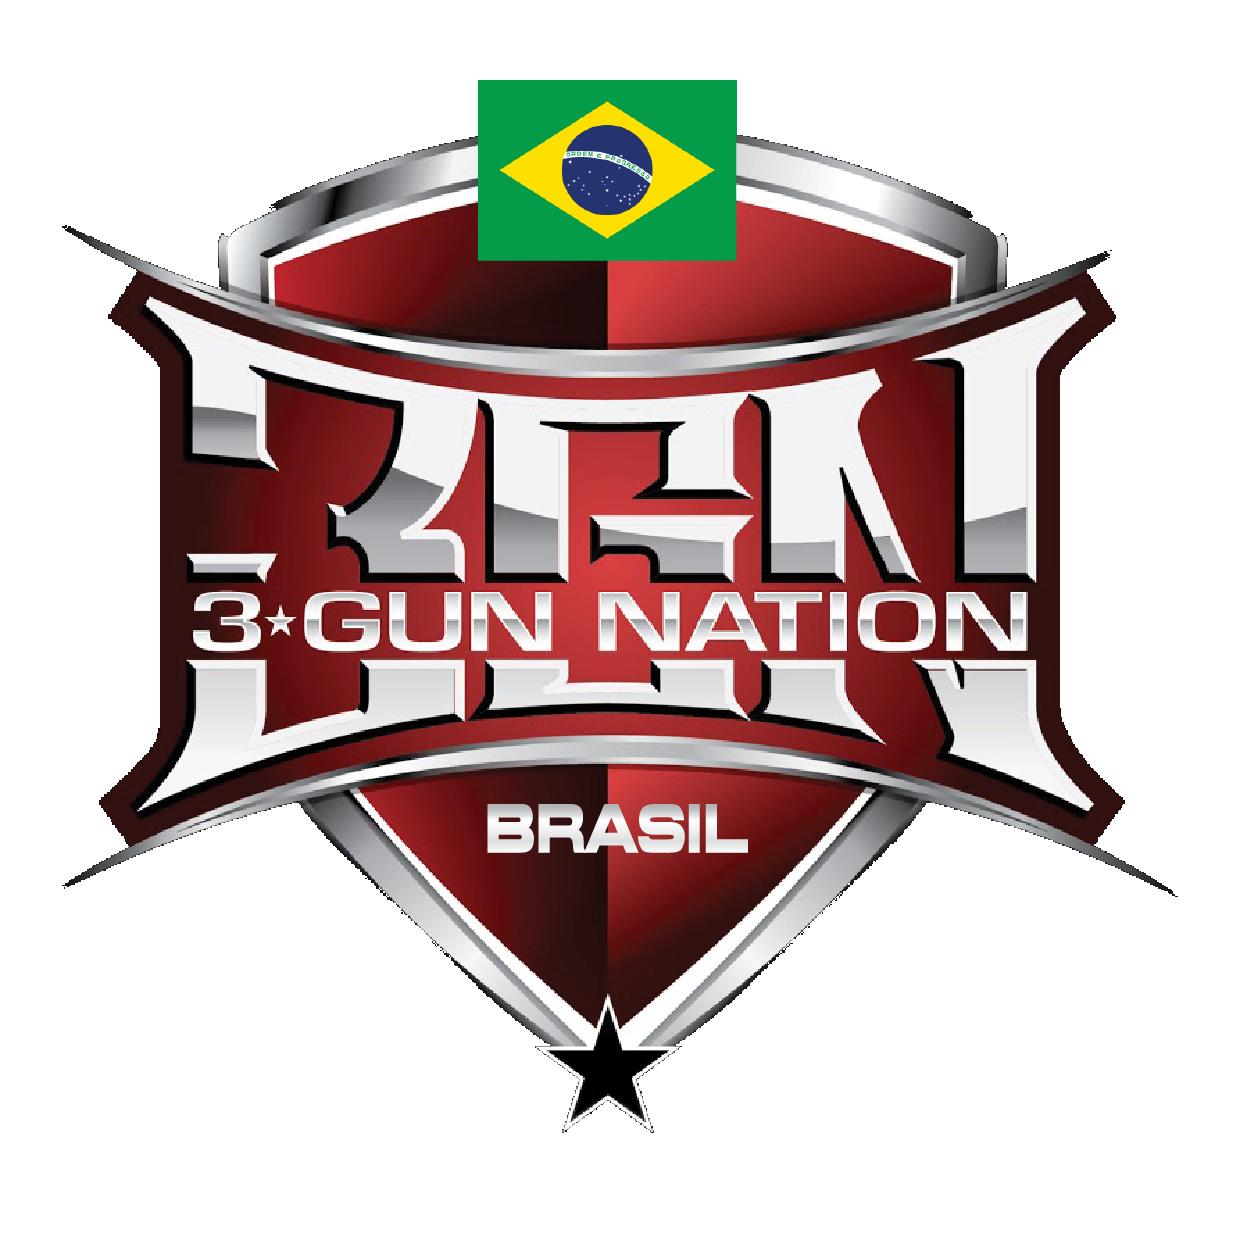 3 GUN NATION BRASIL